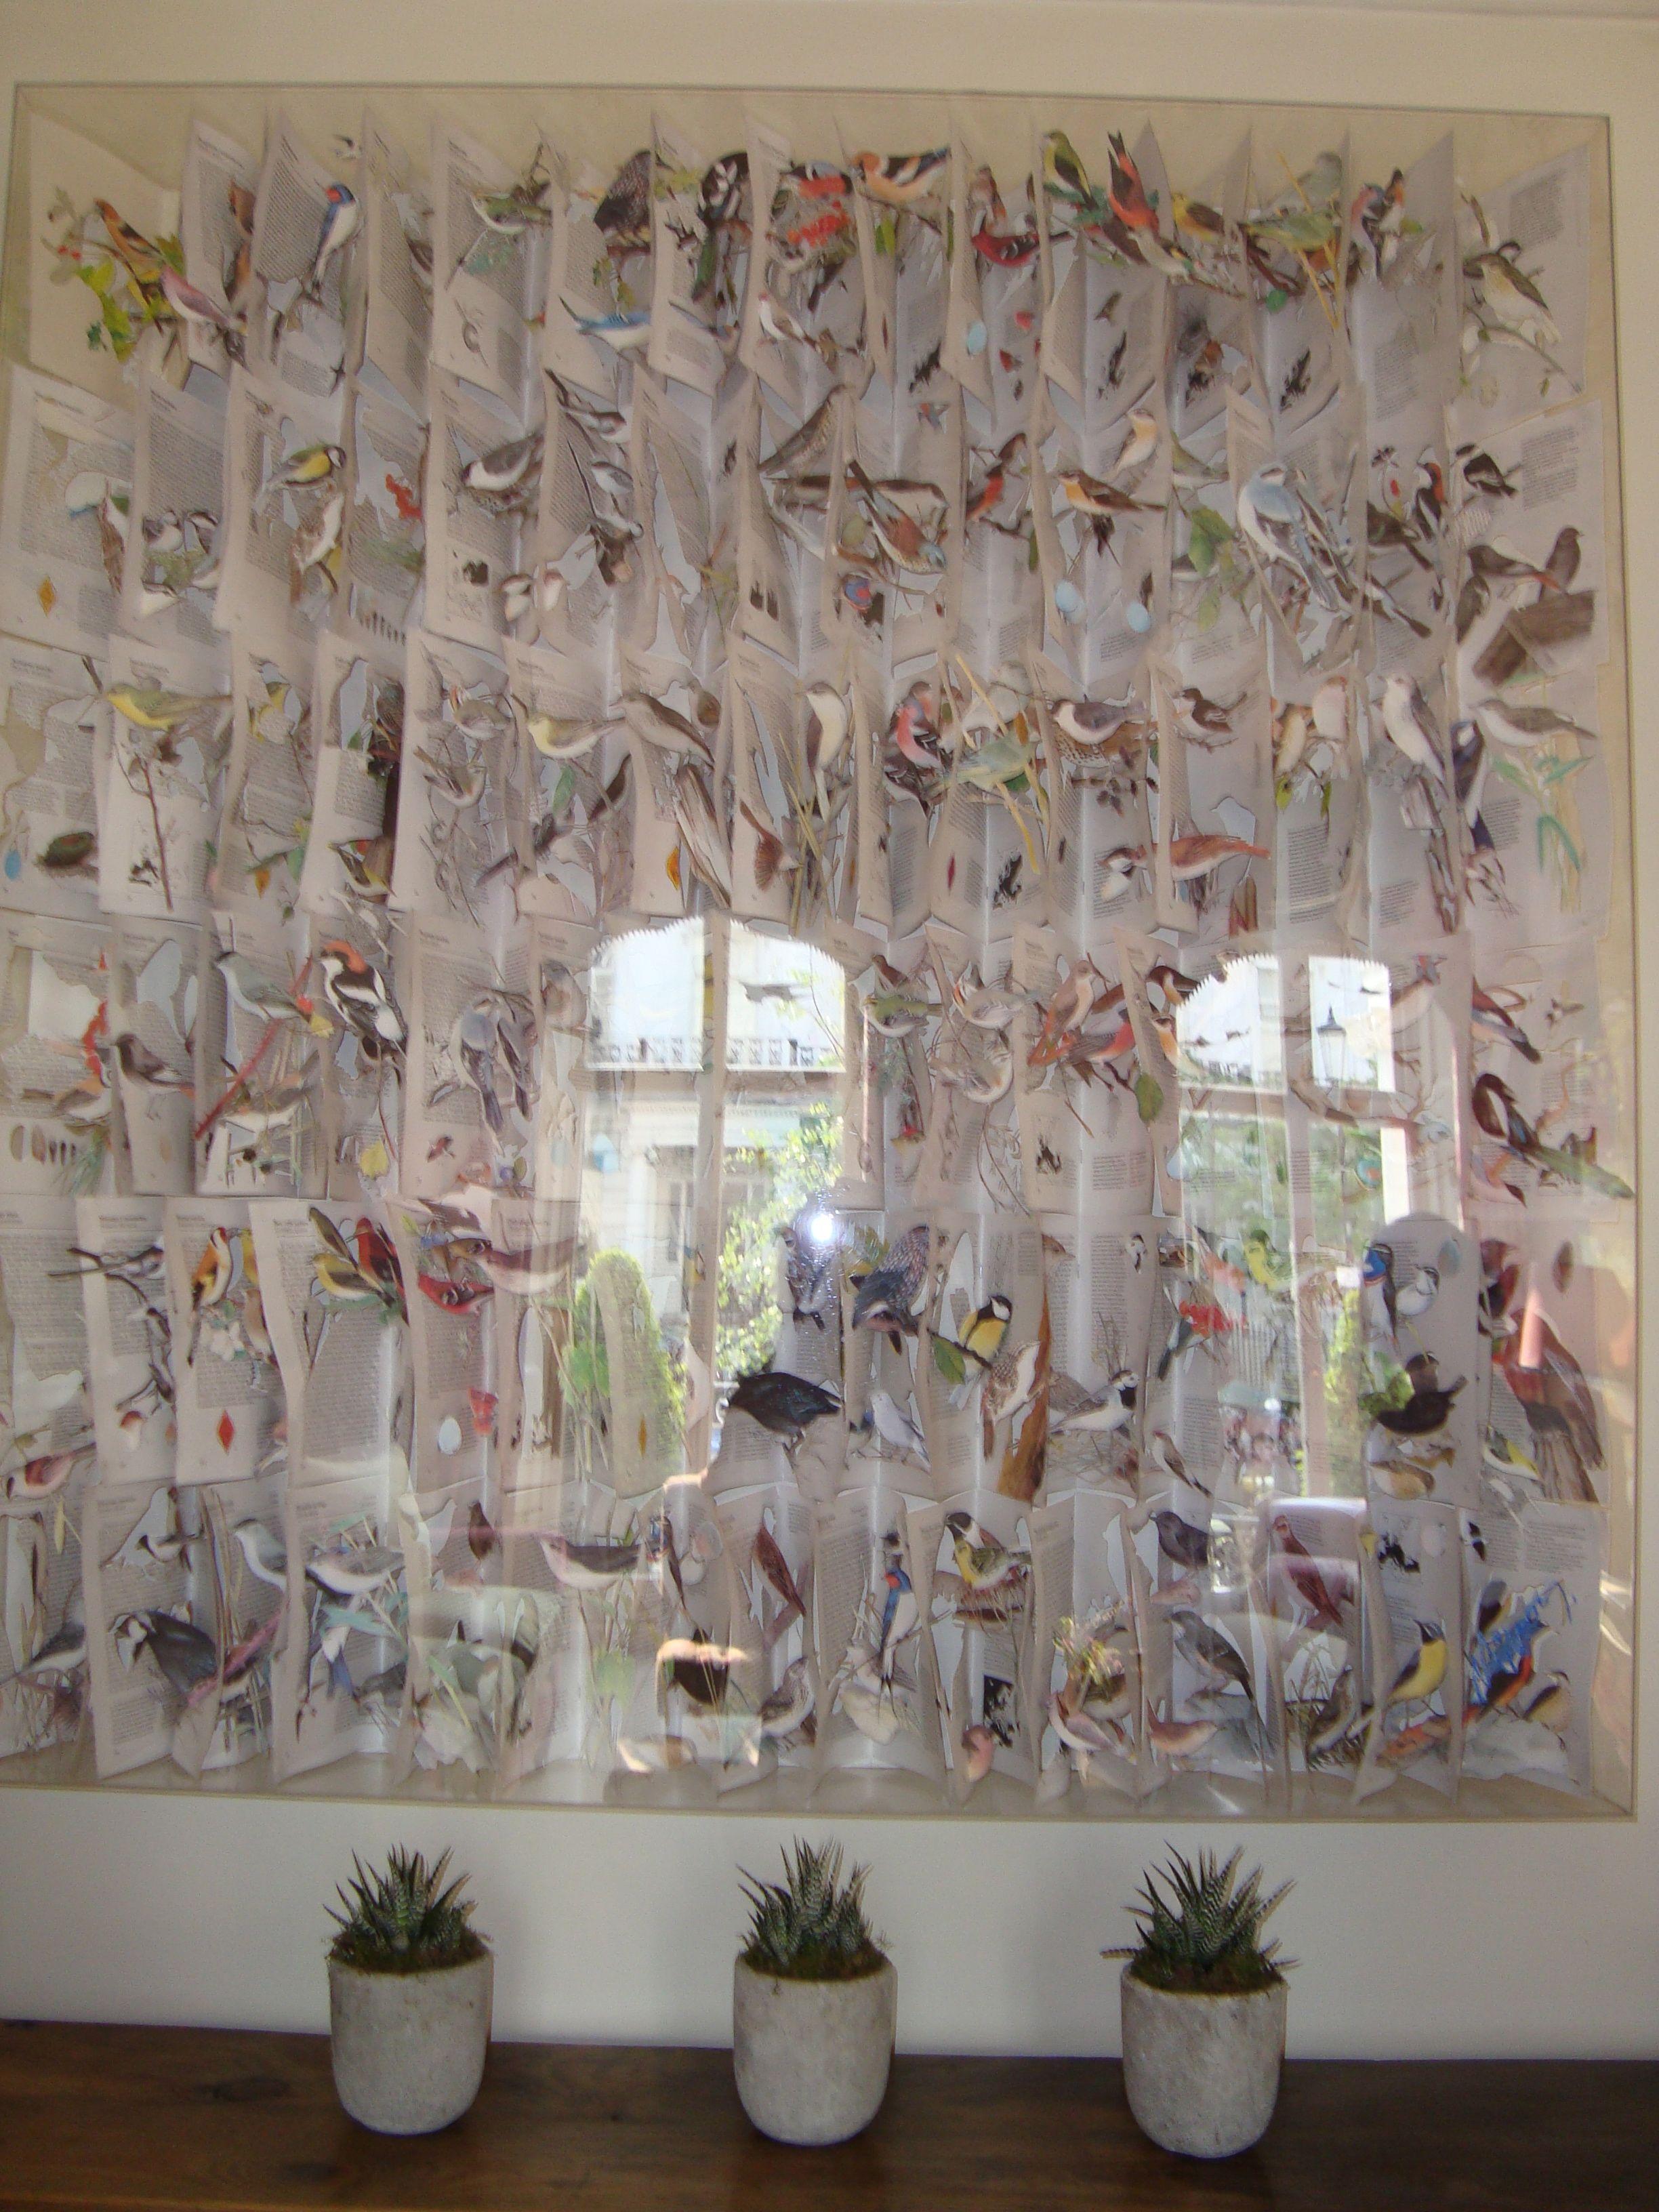 Kit Kemp  - Number Sixteen - framed bird cut outs